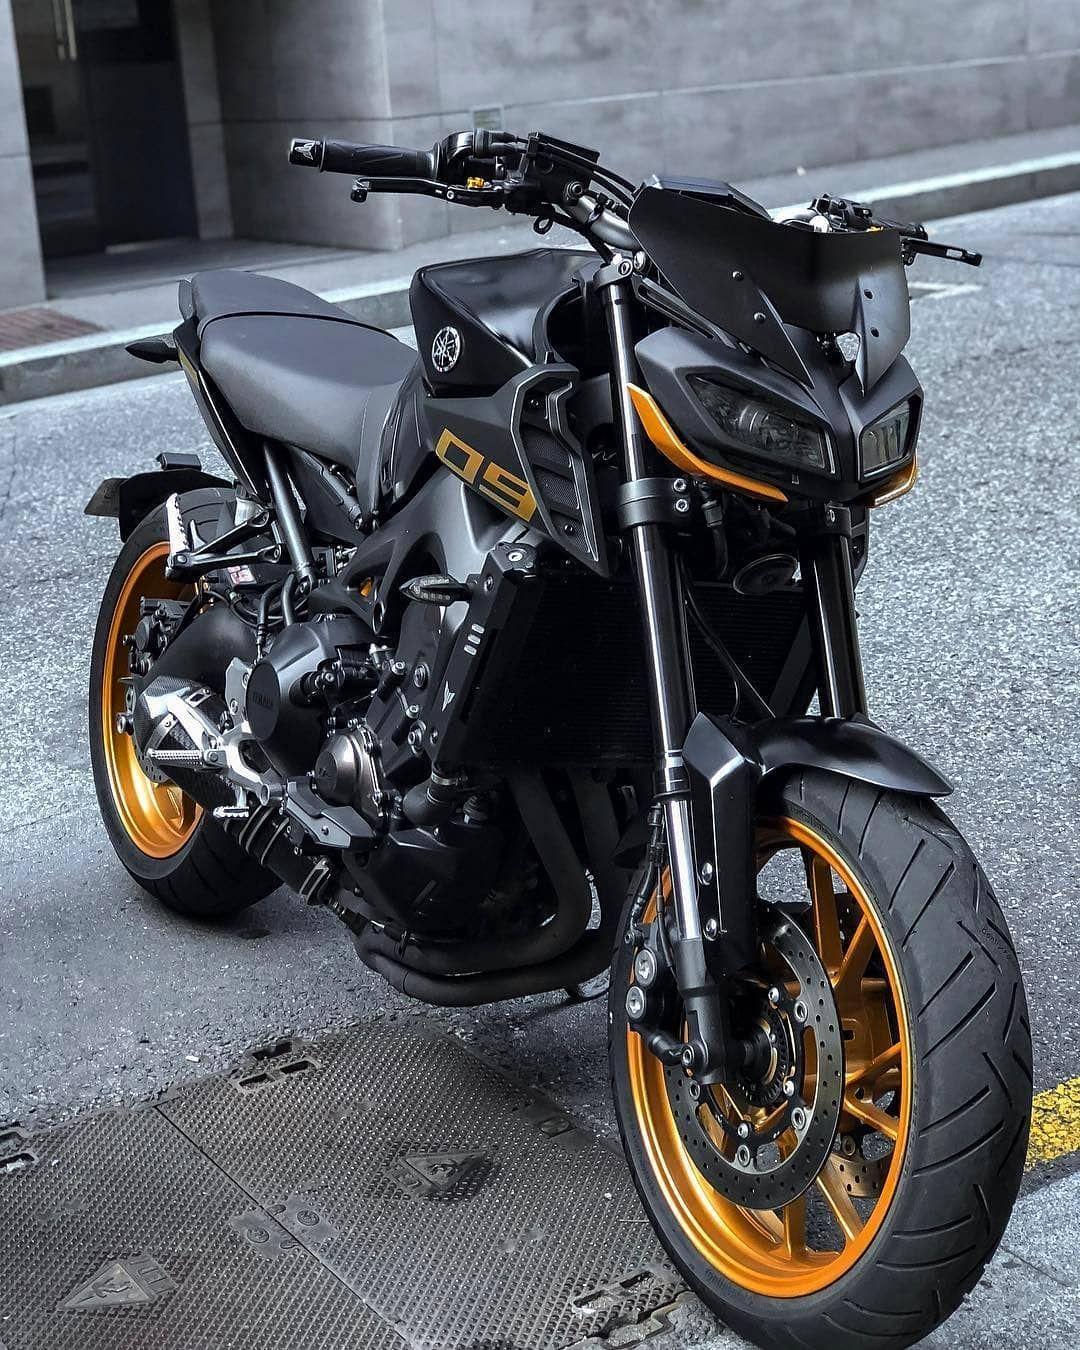 yamaha motorcycles cycle world - HD1080×1350